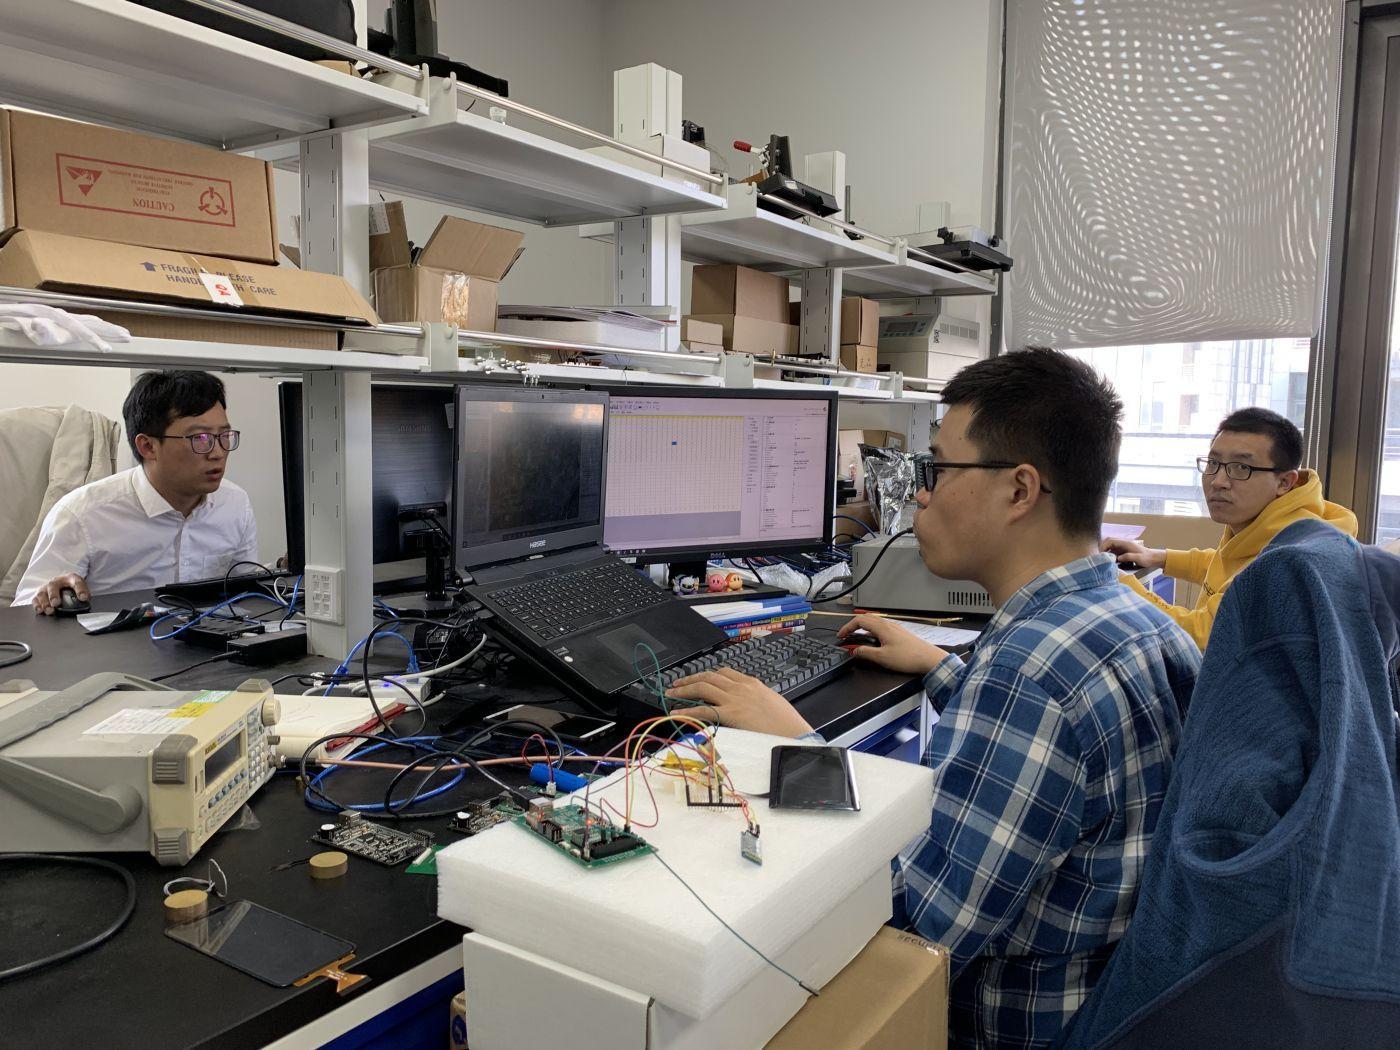 集创北方总部二层实验室,工作人员正在对芯片进行测试